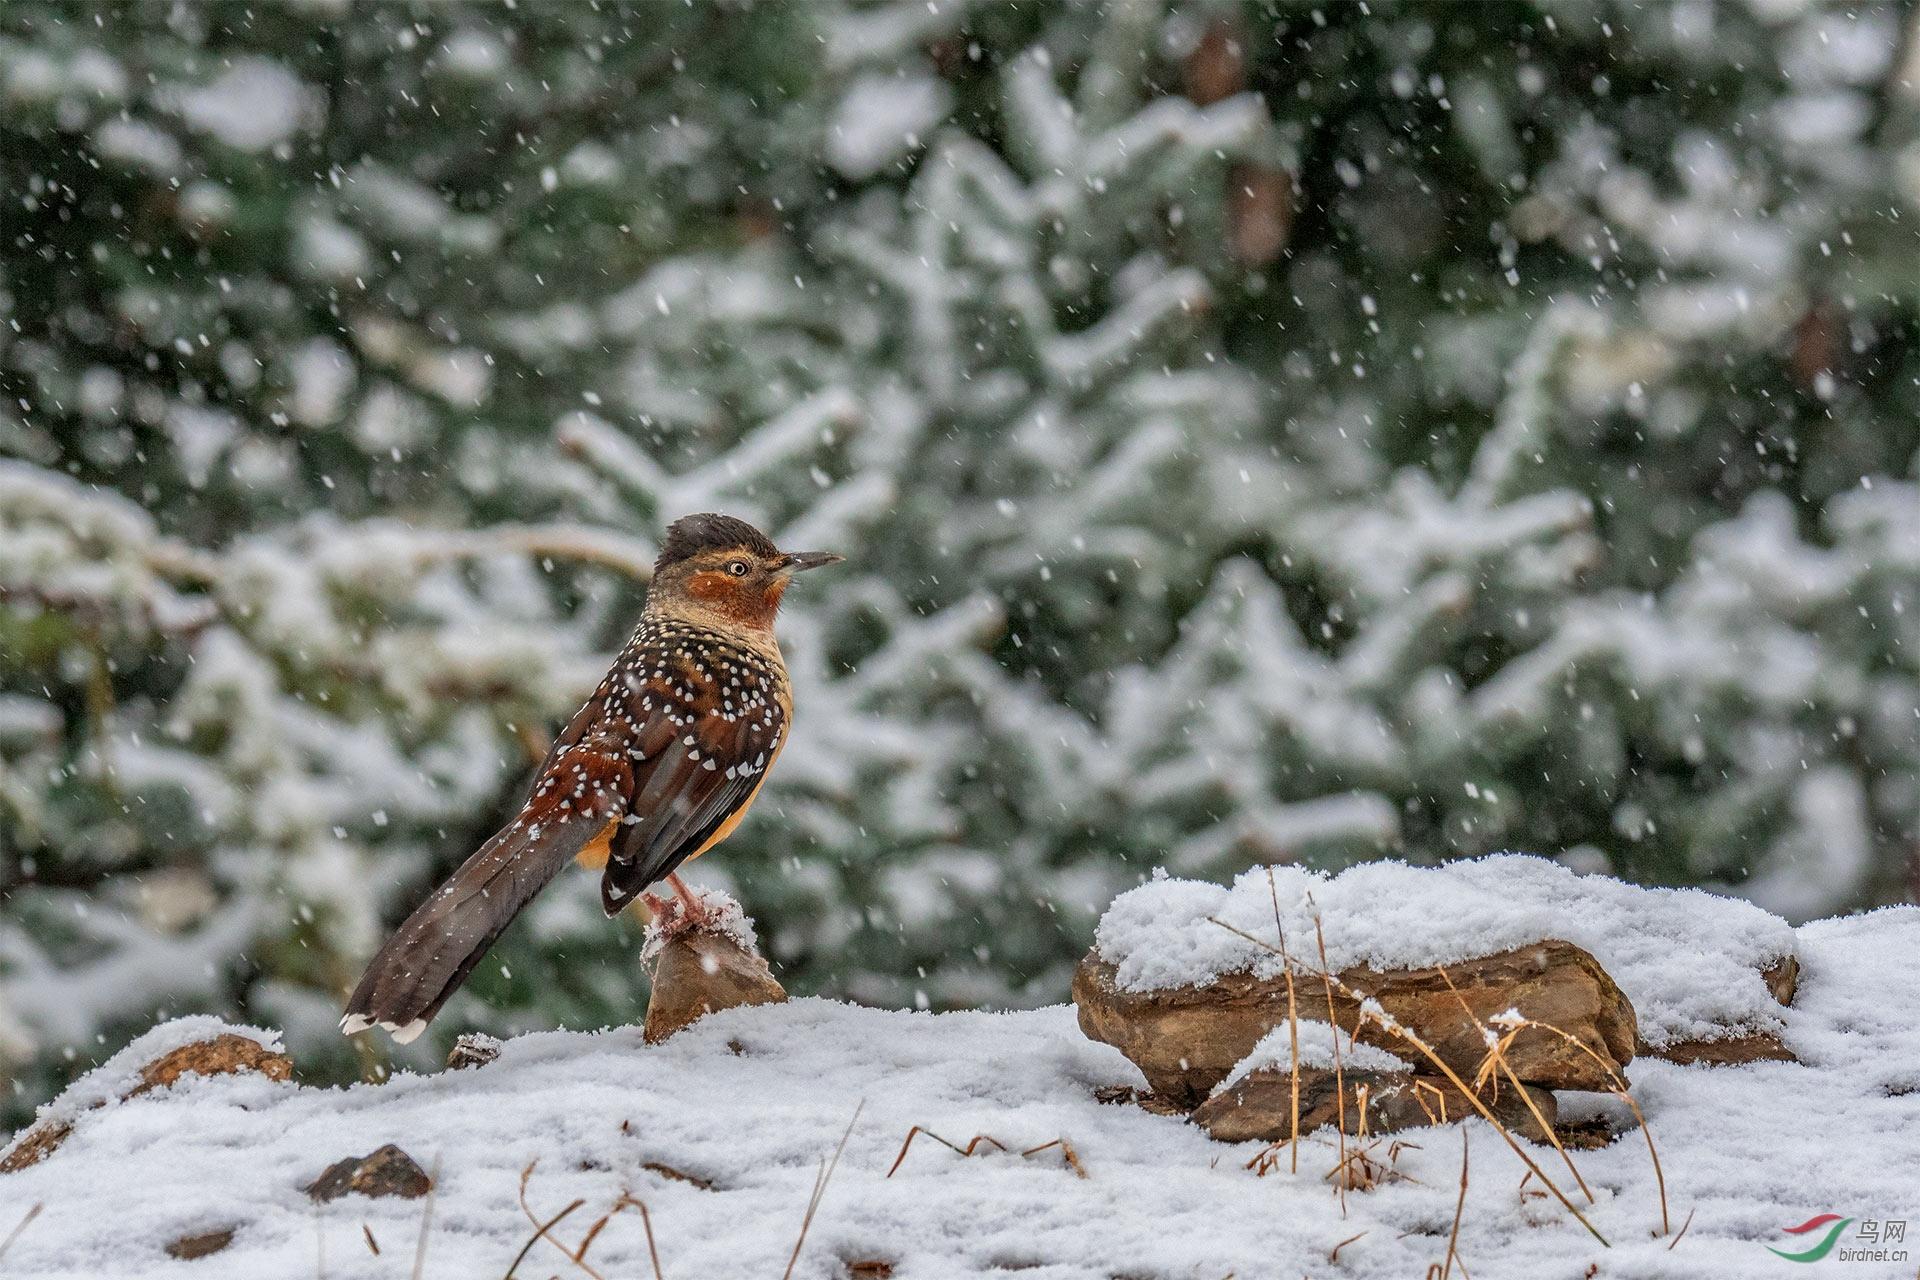 大雪纷飞 - 广西版 Guangxi 鸟网